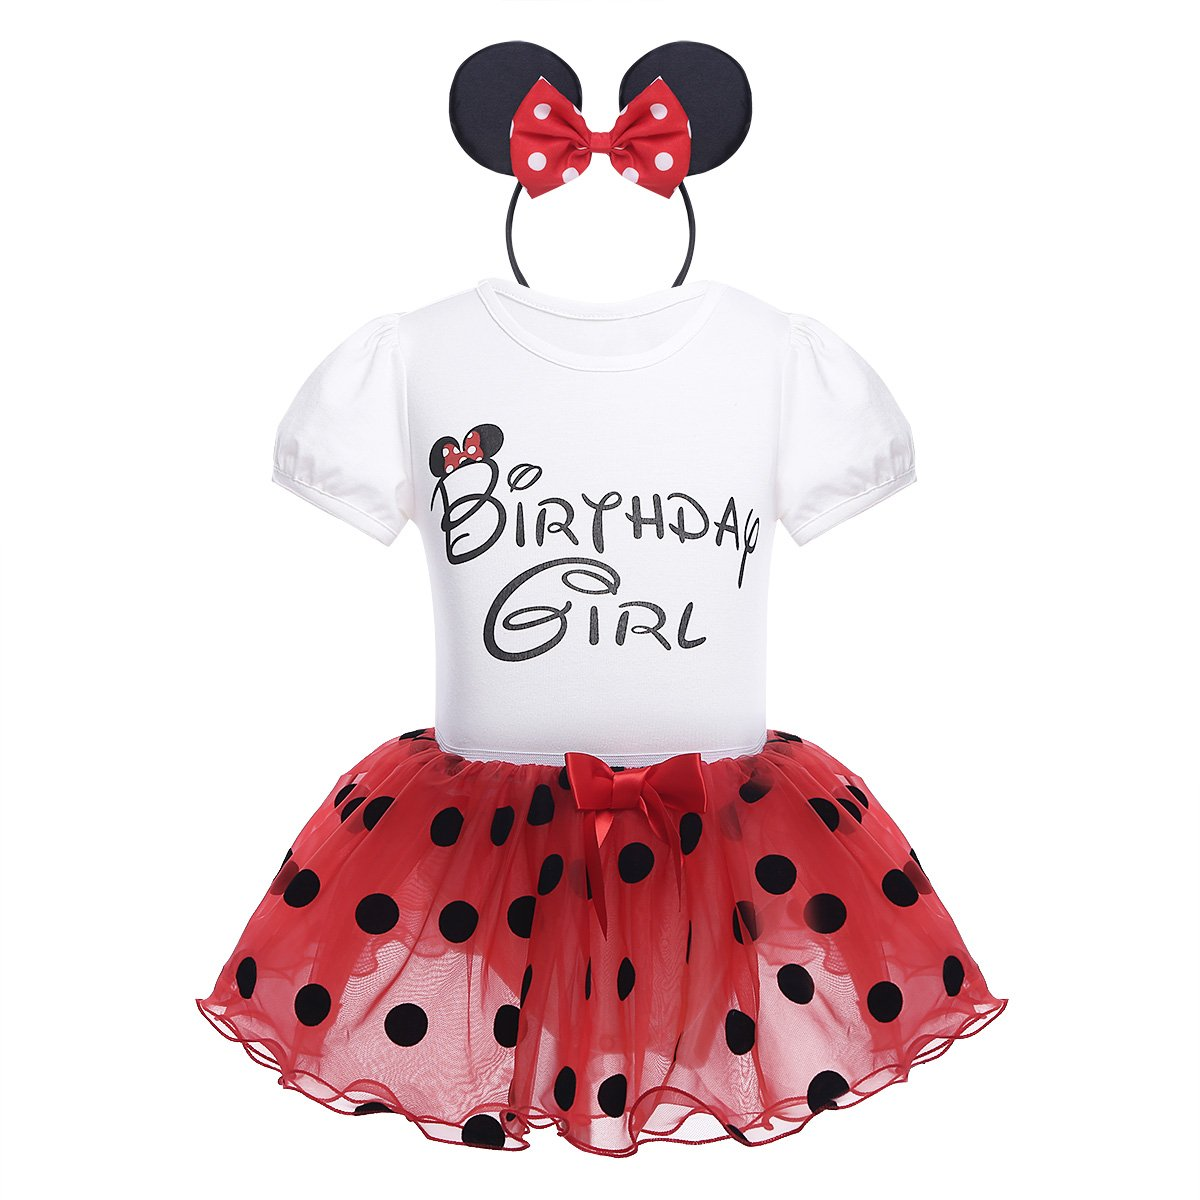 iEFiEL Babykleider Kostüm - Baby Mädchen Kleidung Set Kurzarm-Body Baumwolle Strampler im Kleid Look